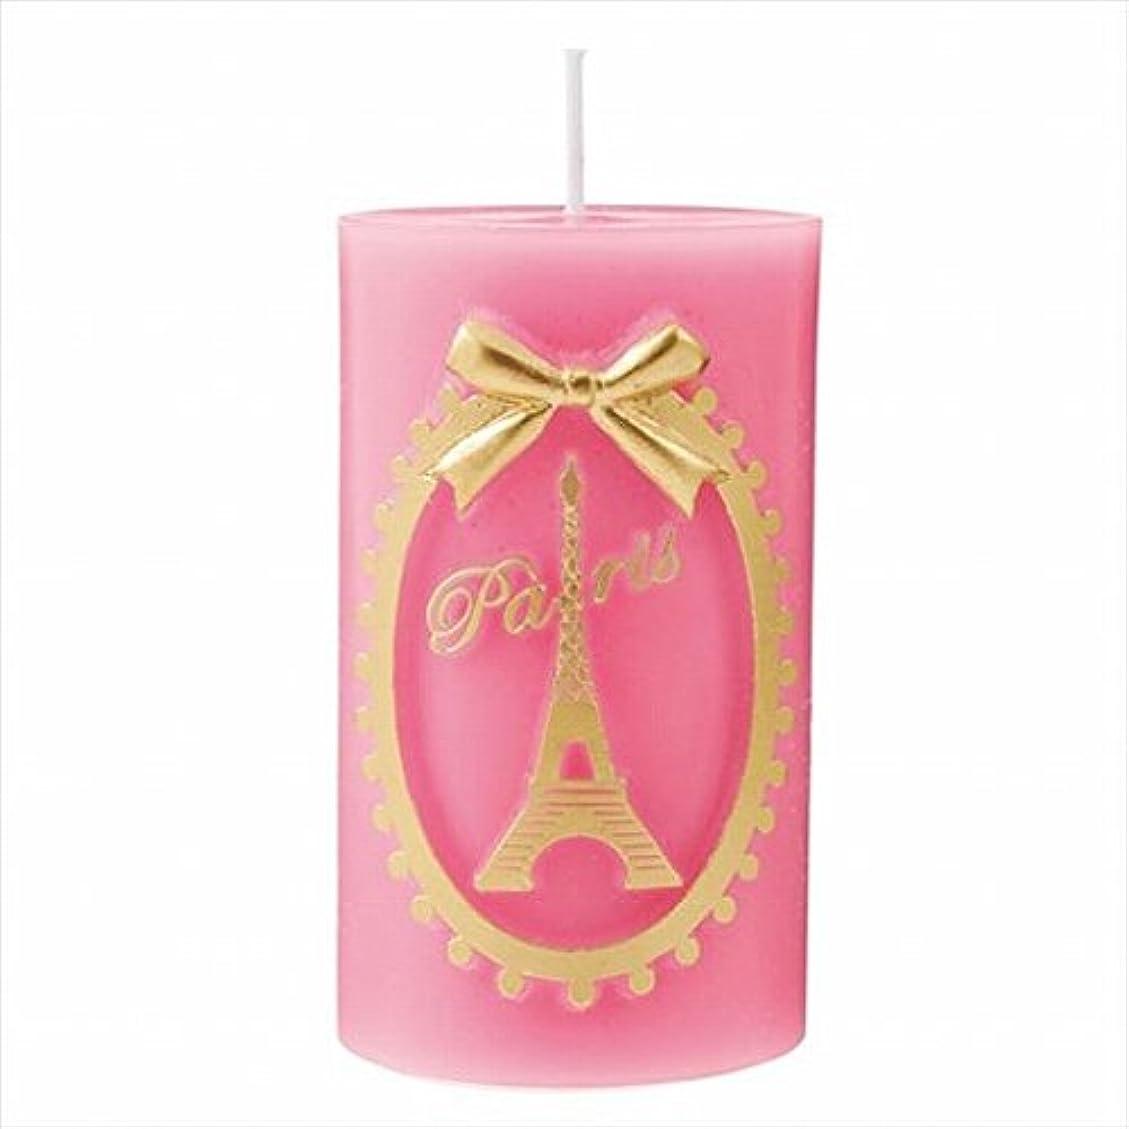 サラダ許可するアラブカメヤマキャンドル( kameyama candle ) エッフェル塔ピラー 「 ピンク 」